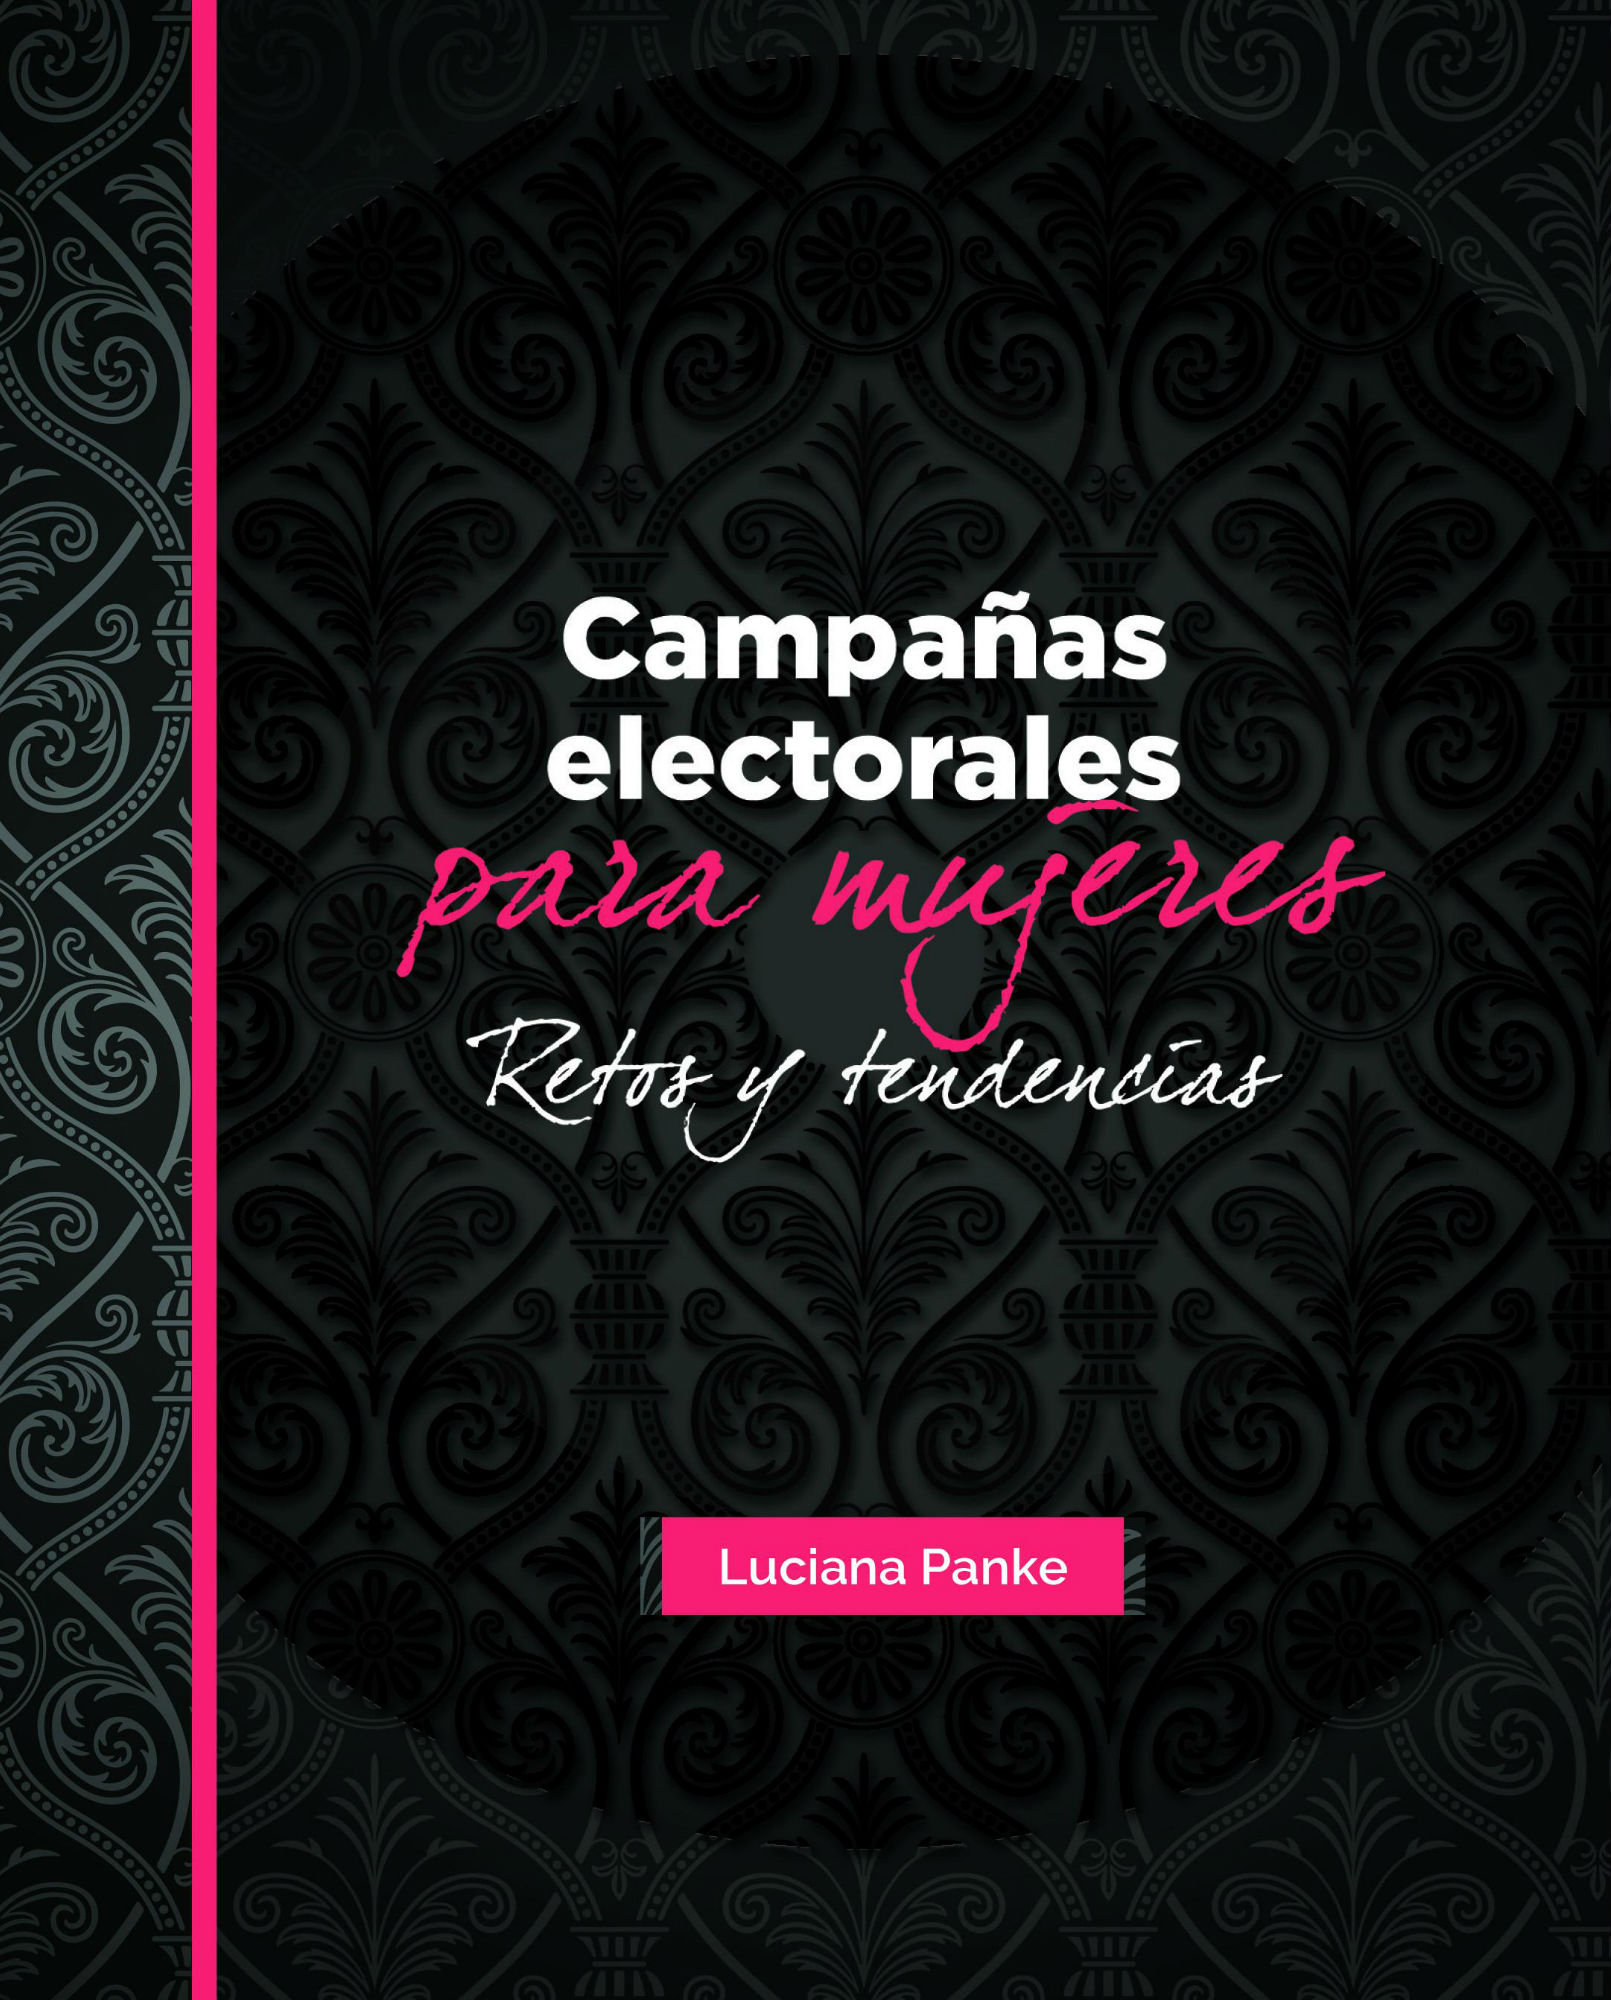 Campañas electorales para mujeres candidatas, de Luciana Panke